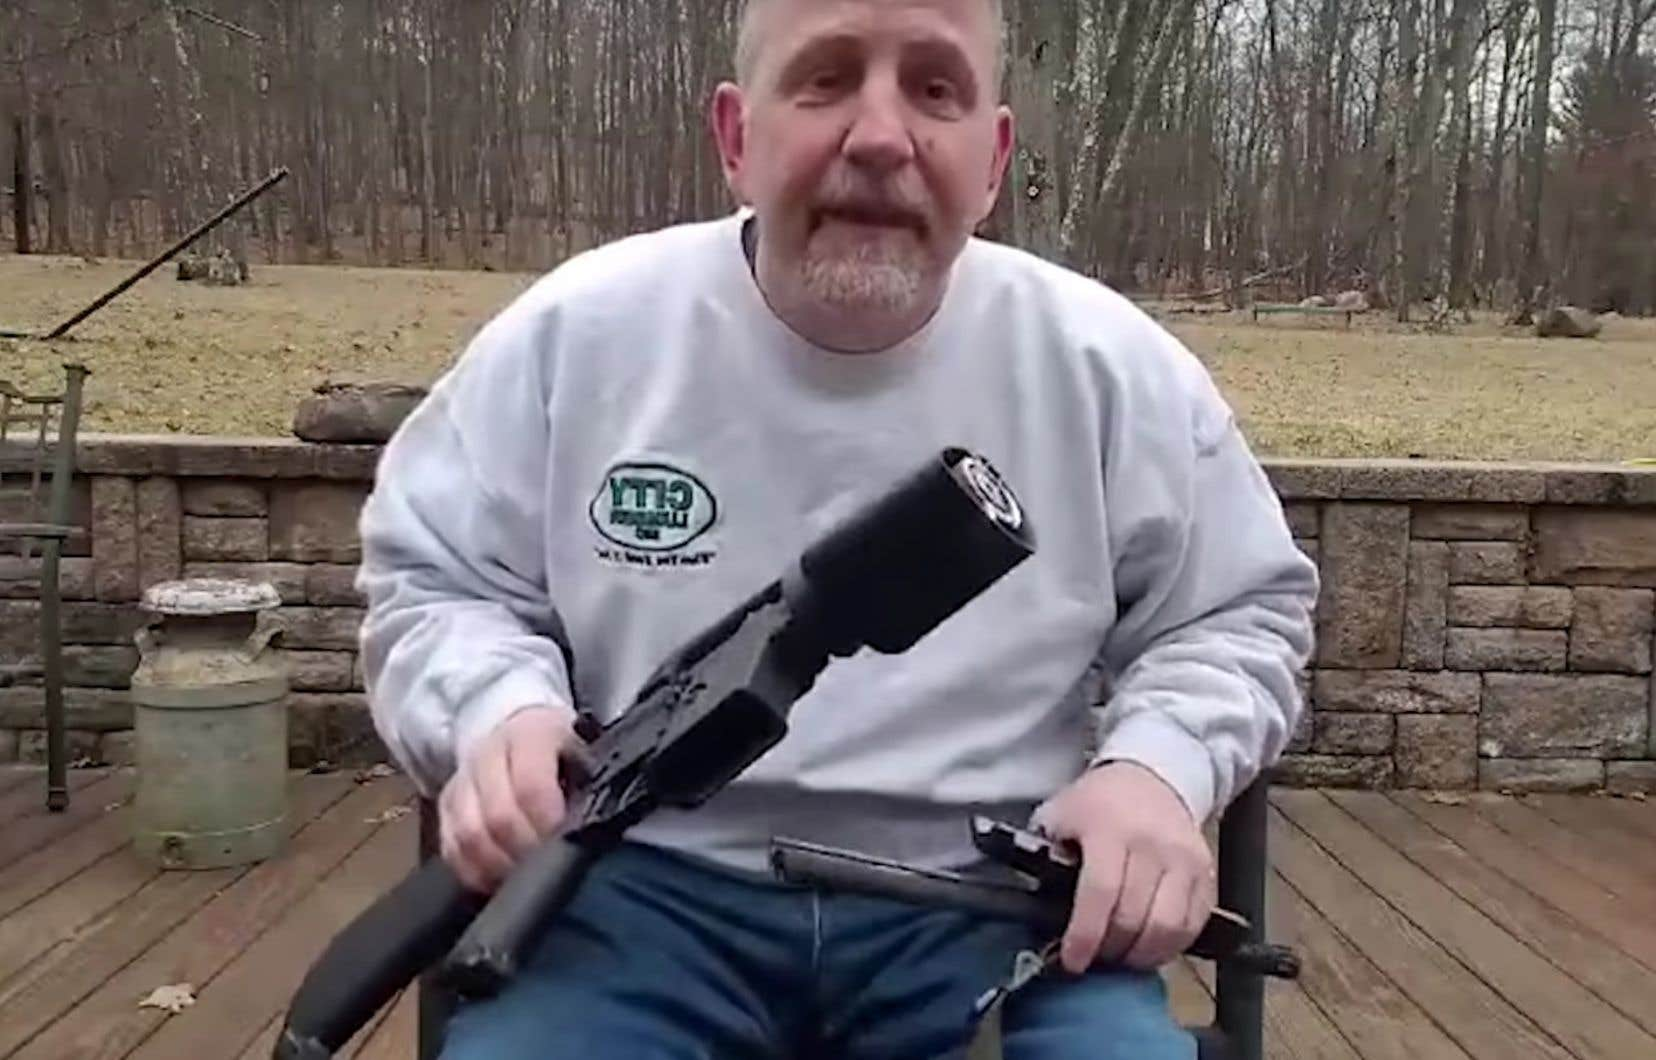 Bien qu'il se présente comme un ardent défenseur du deuxième amendement, Scott Pappalardo a sectionné son fusil AR-15.